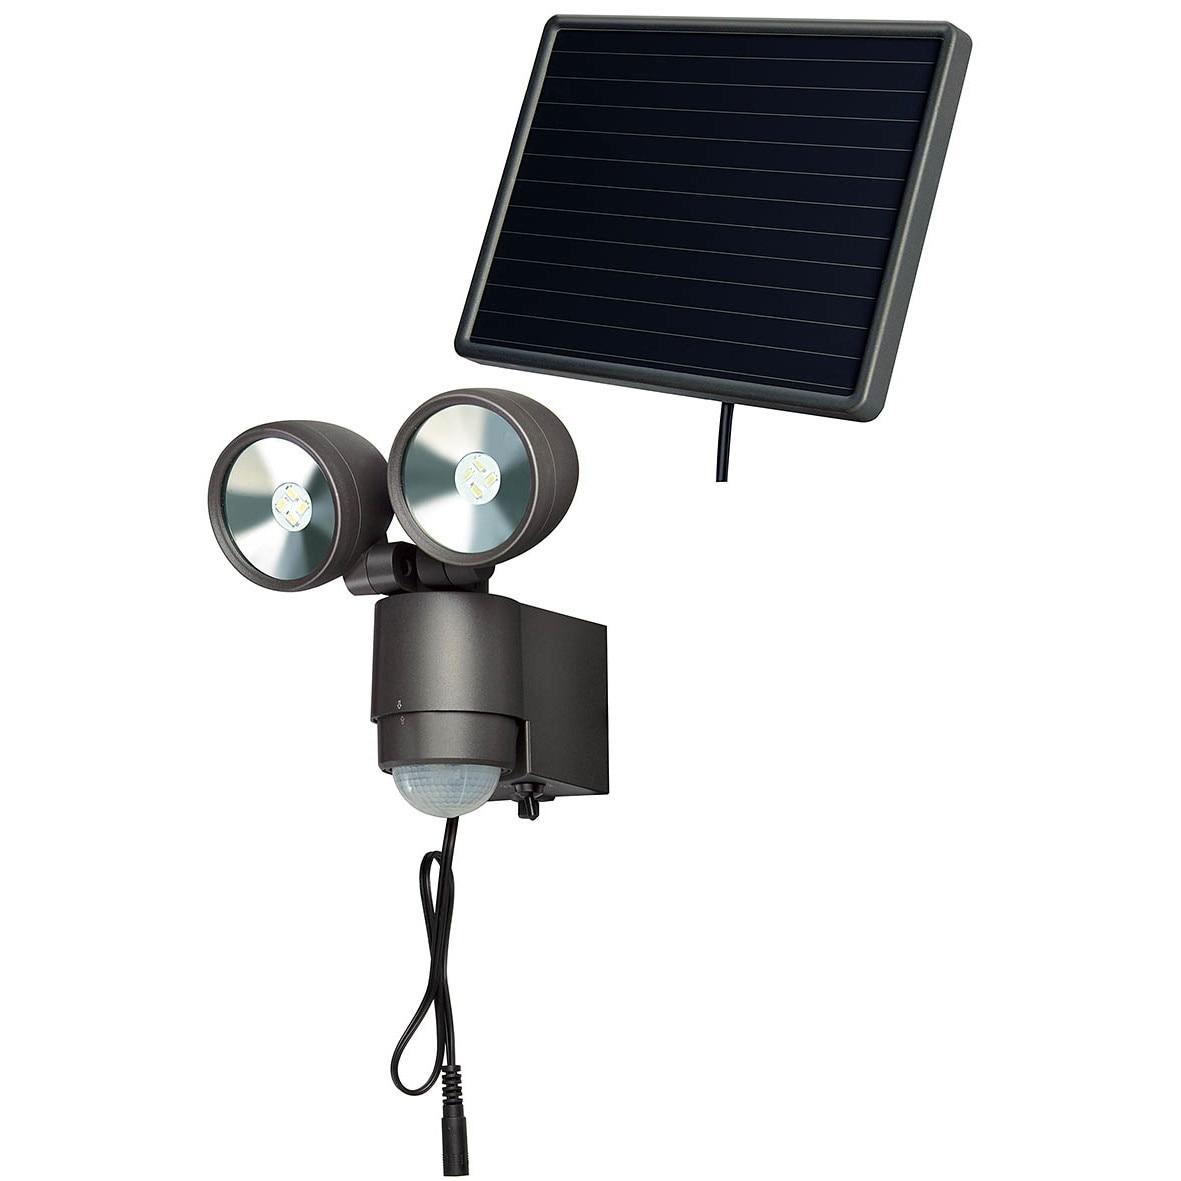 Lampa solarna woltaiczna słoneczna led niemiecka naświetlacz LED solarny z czujką ruchu